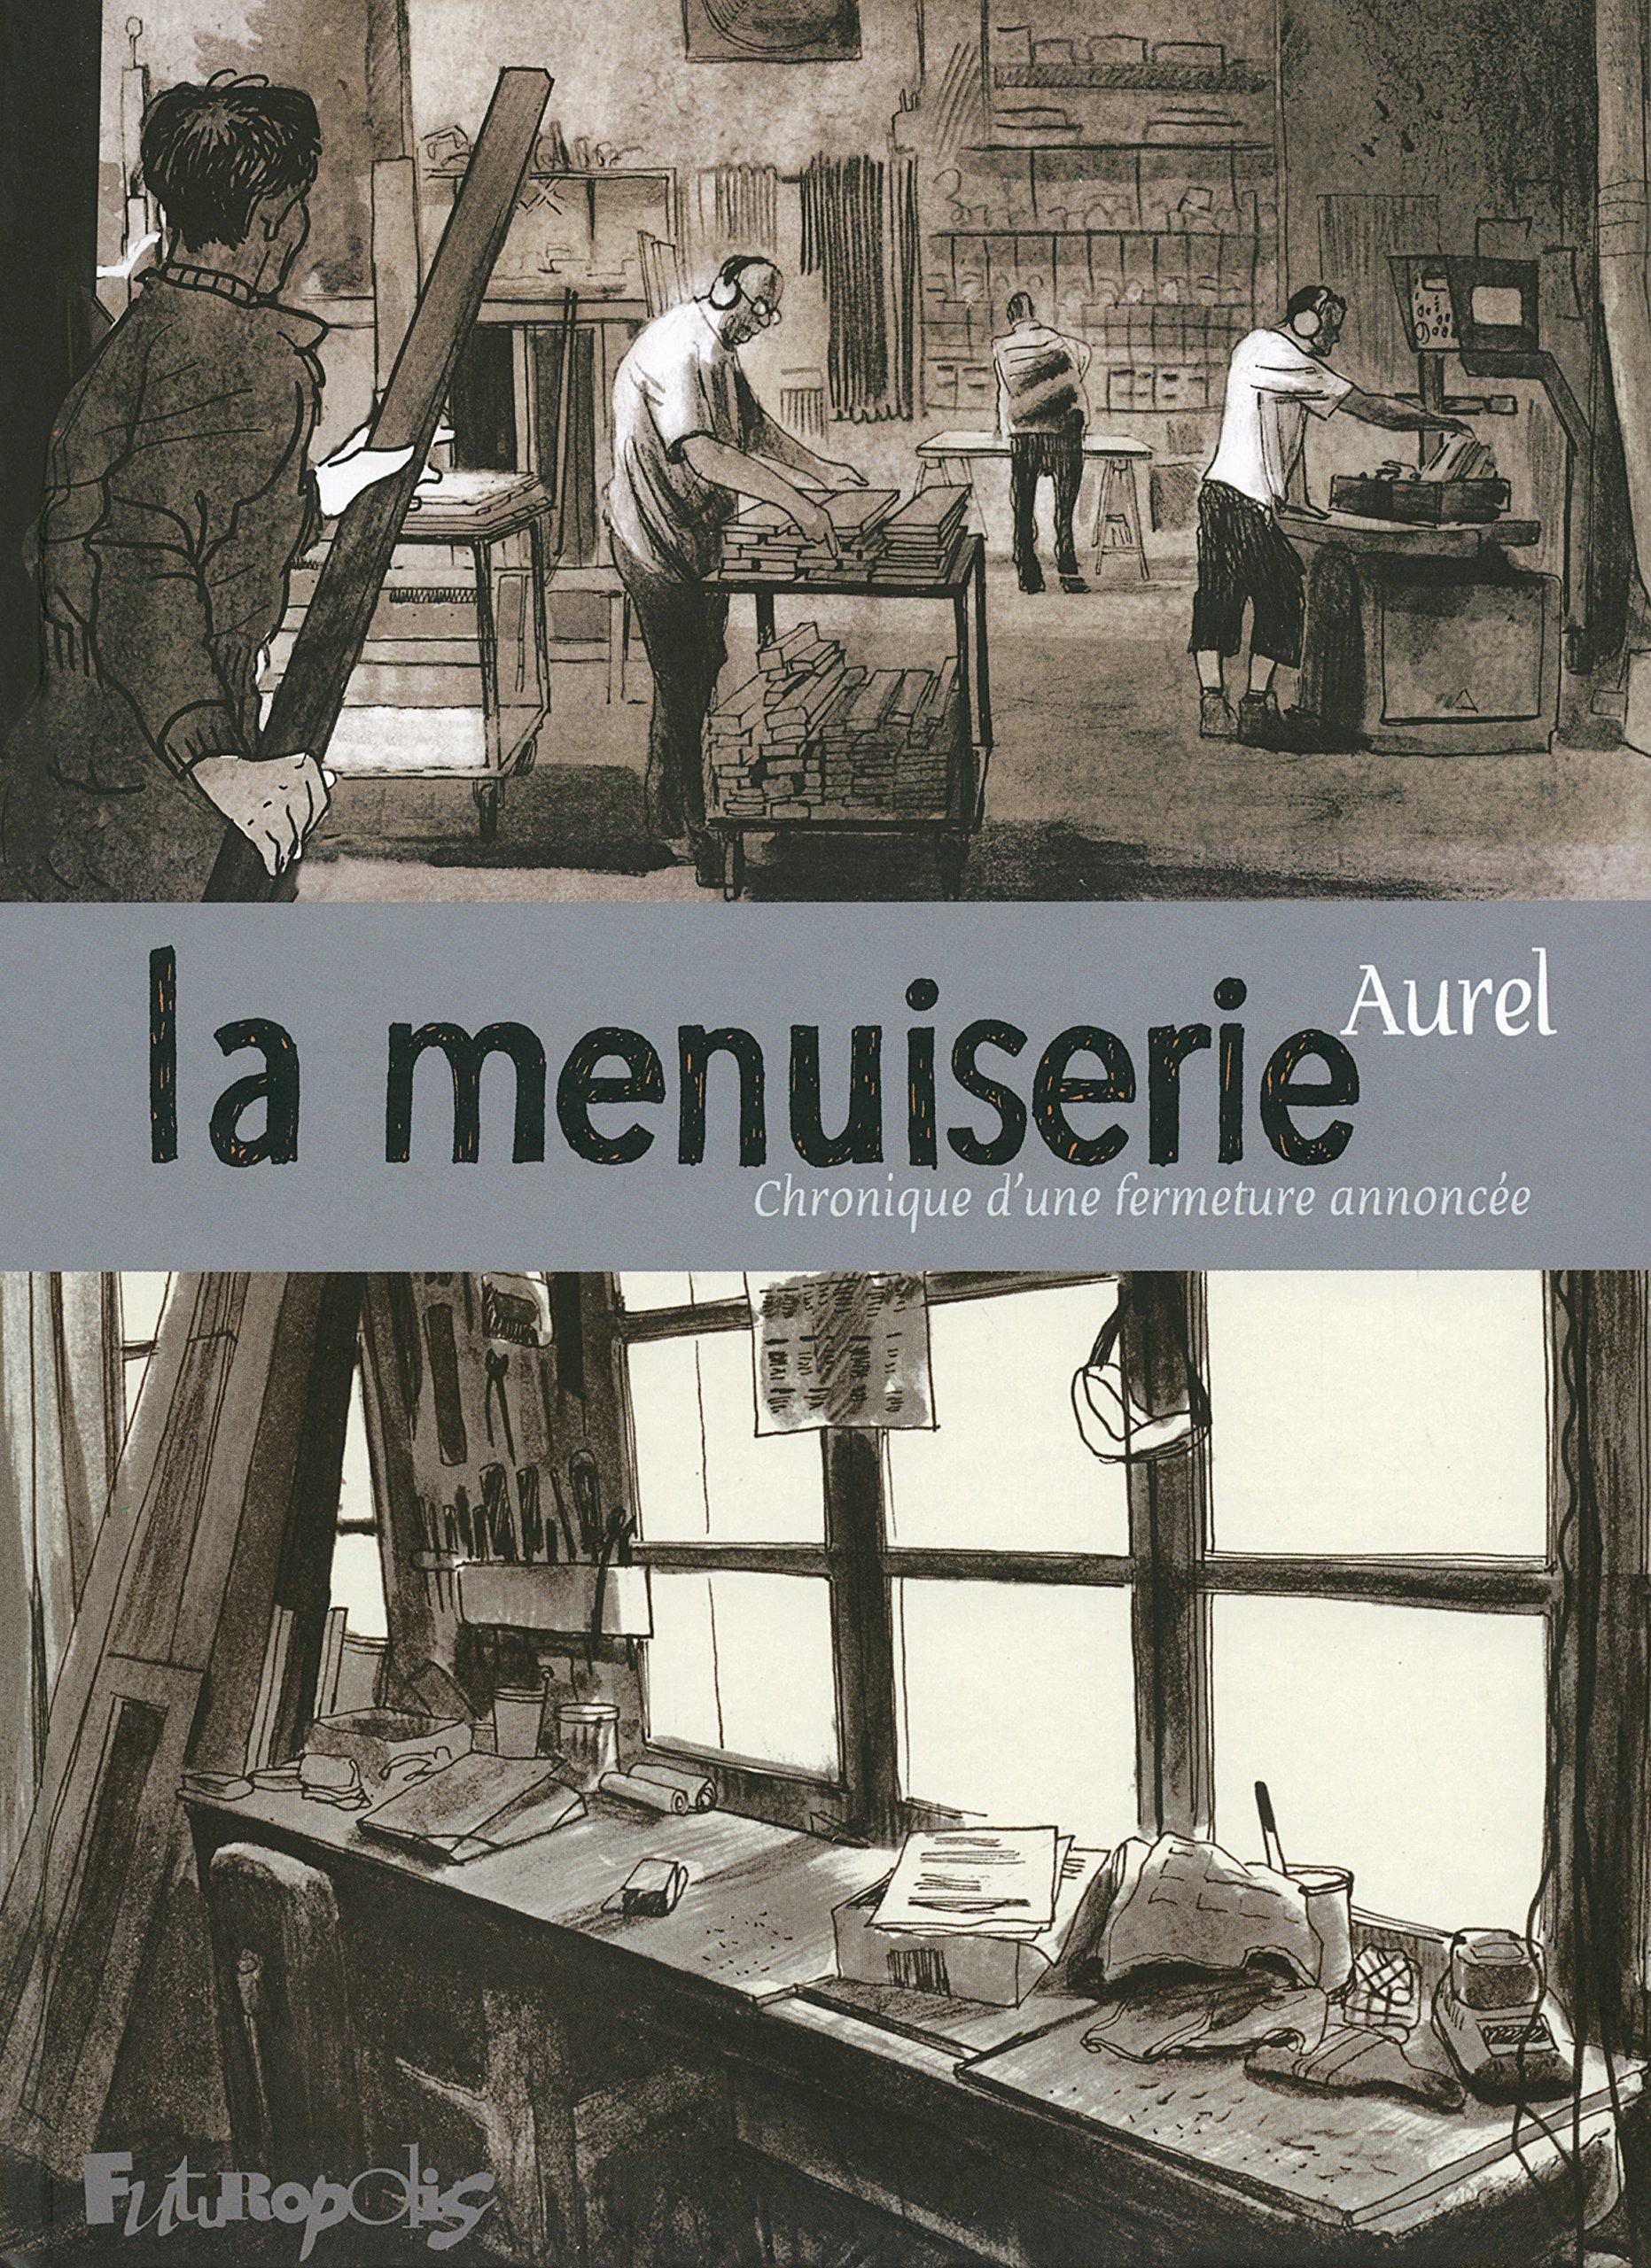 La menuiserie, chronique d'une fermeture annoncée - Aurel - Editions Futuropolis